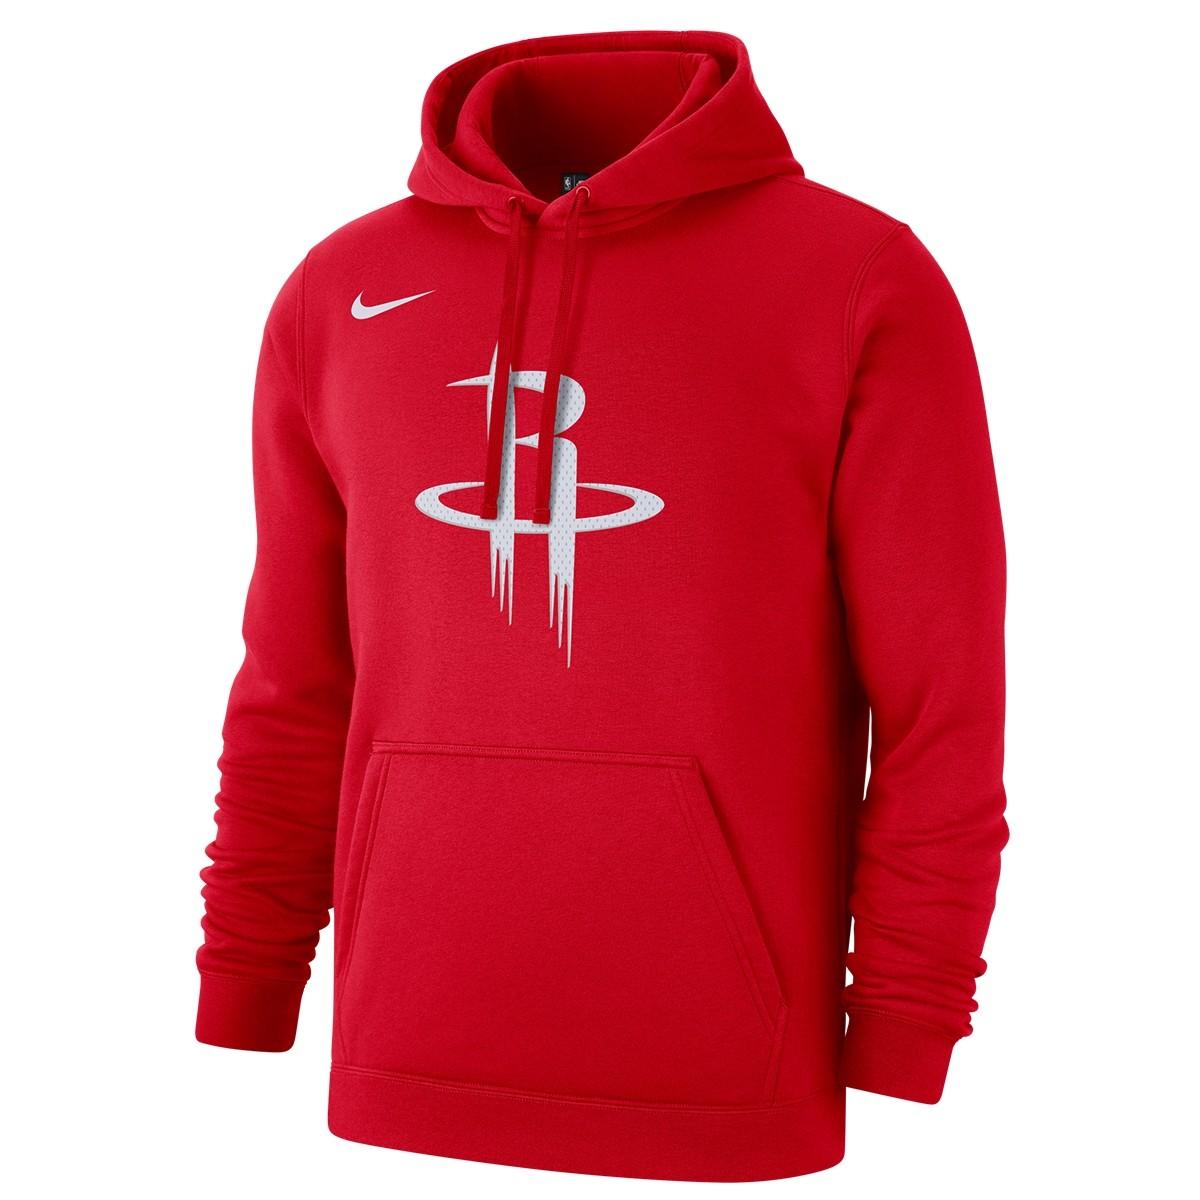 Nike NBA Hoodie 'Rockets'